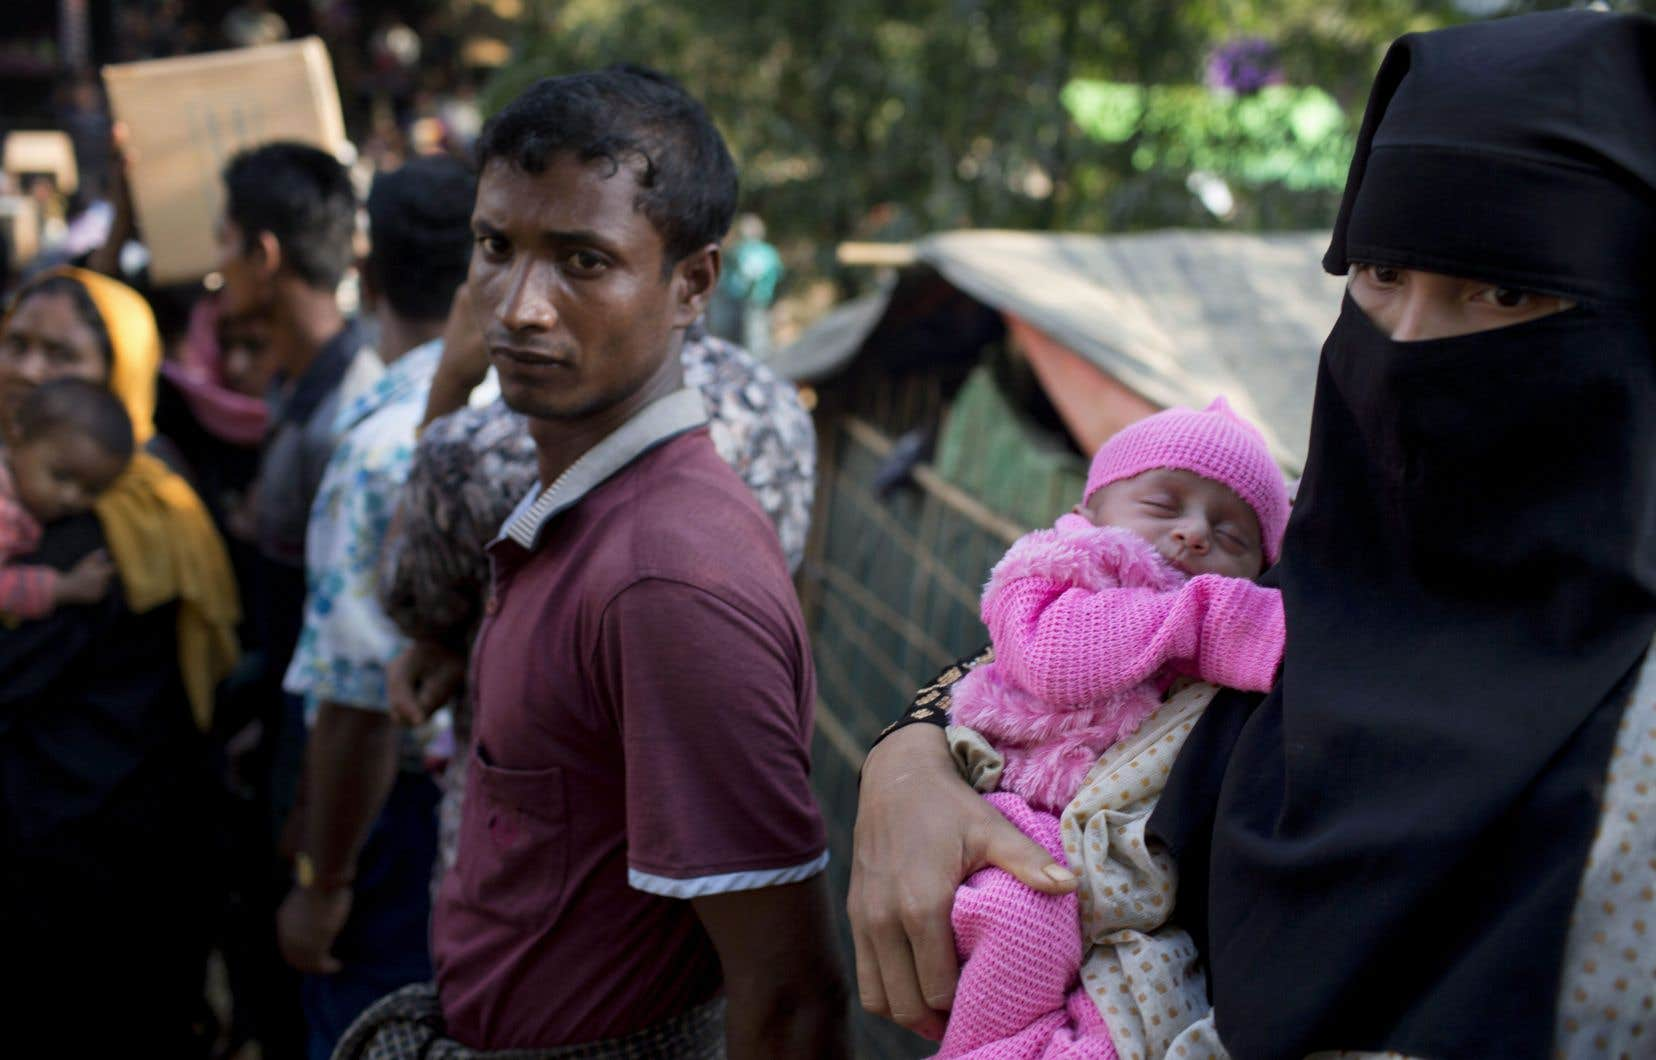 Une femme rohingya, qui a traversé le Myanmar, porte son nouveau-né et attend de recevoir de l'aide au camp de réfugiés de Kutupalong à Ukhiya, au Bangladesh, le 21 décembre.